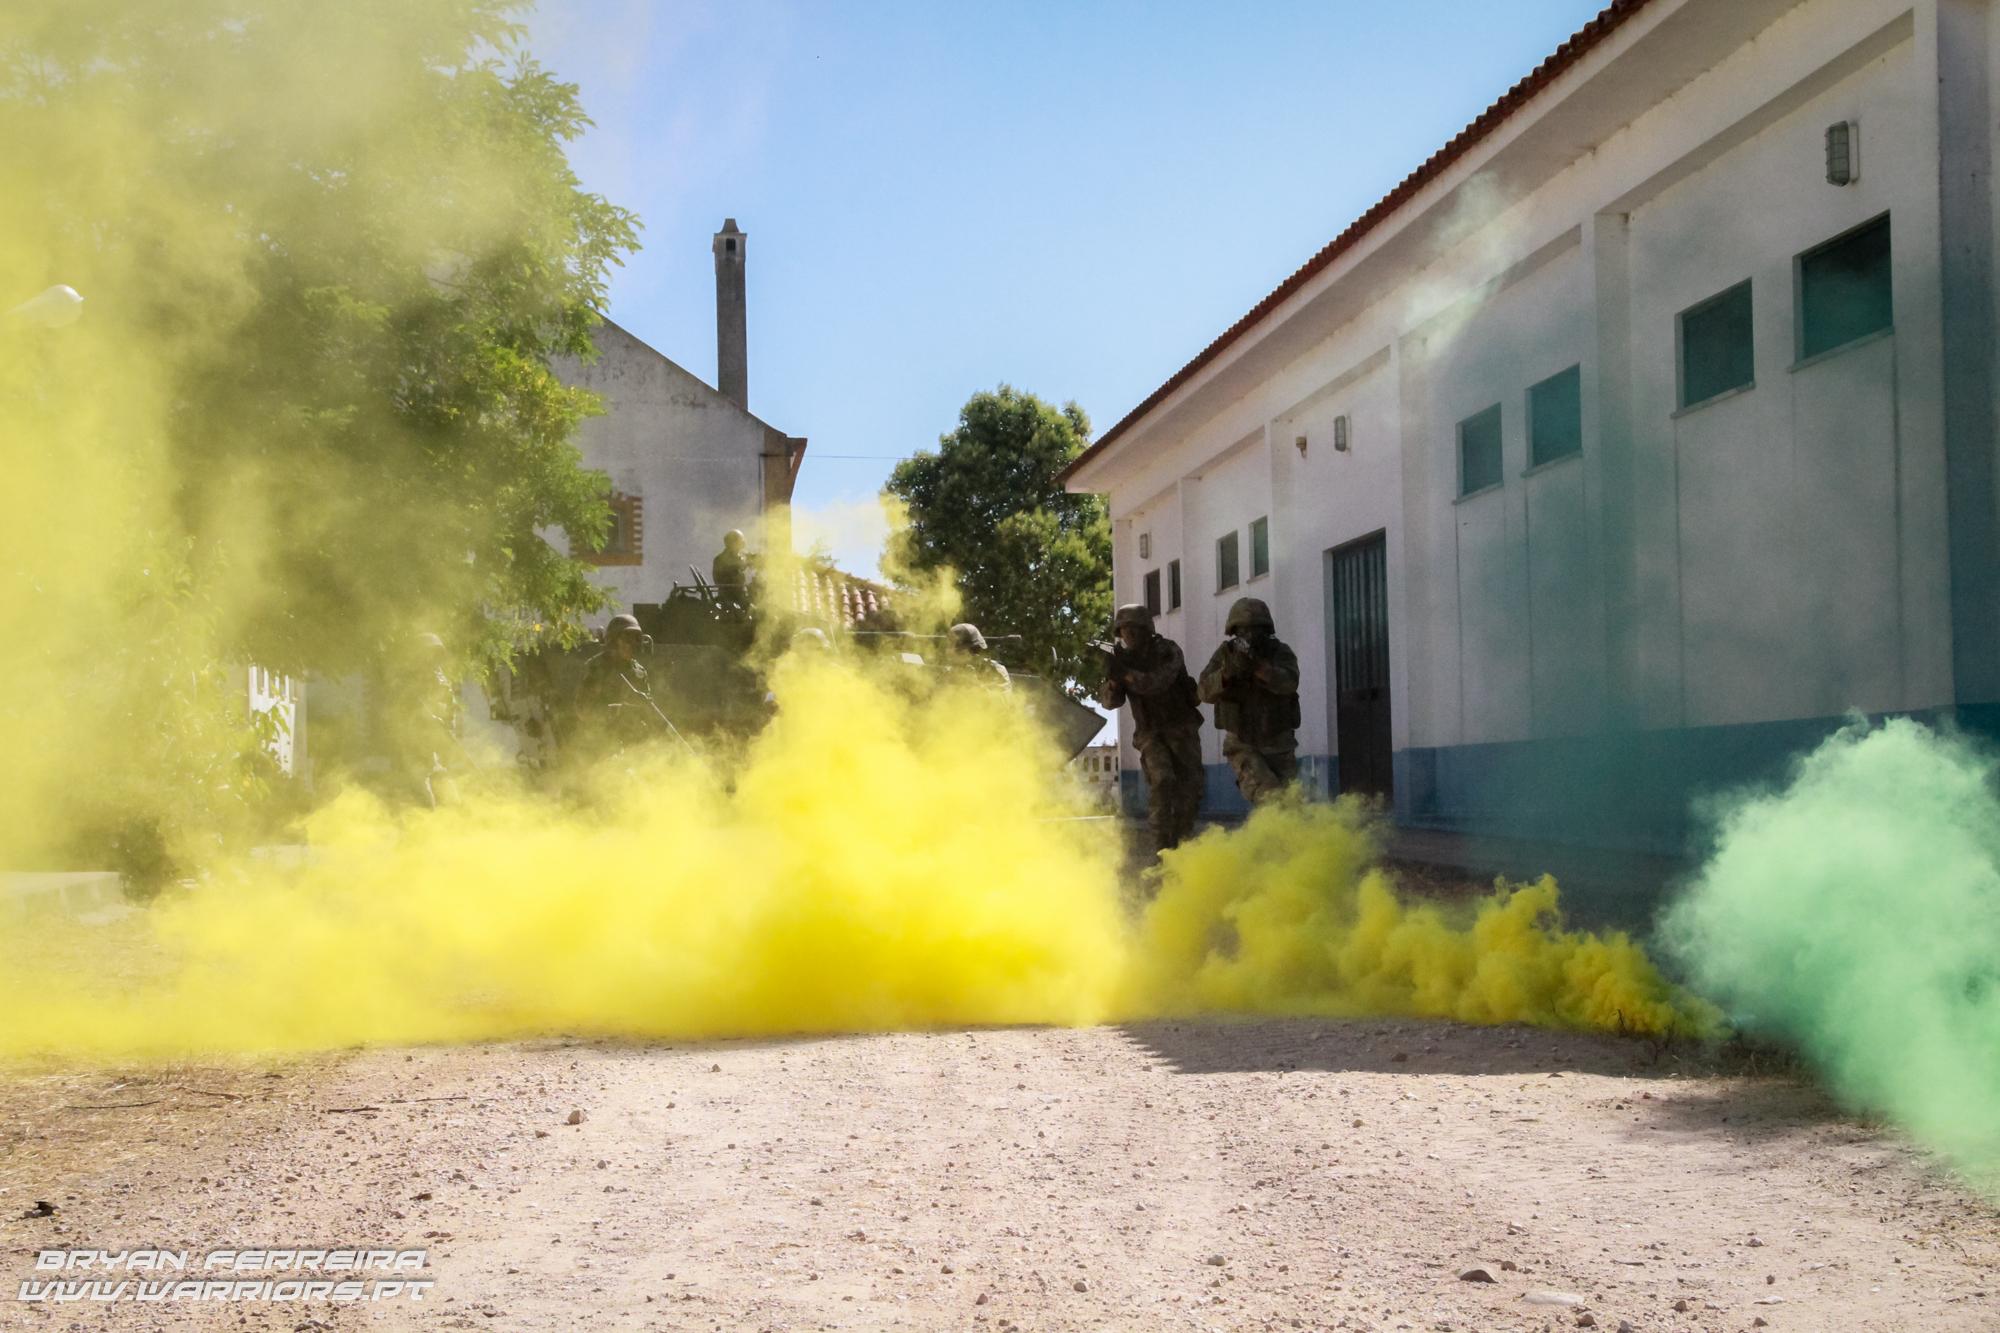 Infantaria da Brigada de Intervenção desloca-se numa Área Urbanizada, sob a cobertura de uma cortina de fumos, de modo a limpar quaisquer ameaças às viaturas pesadas.